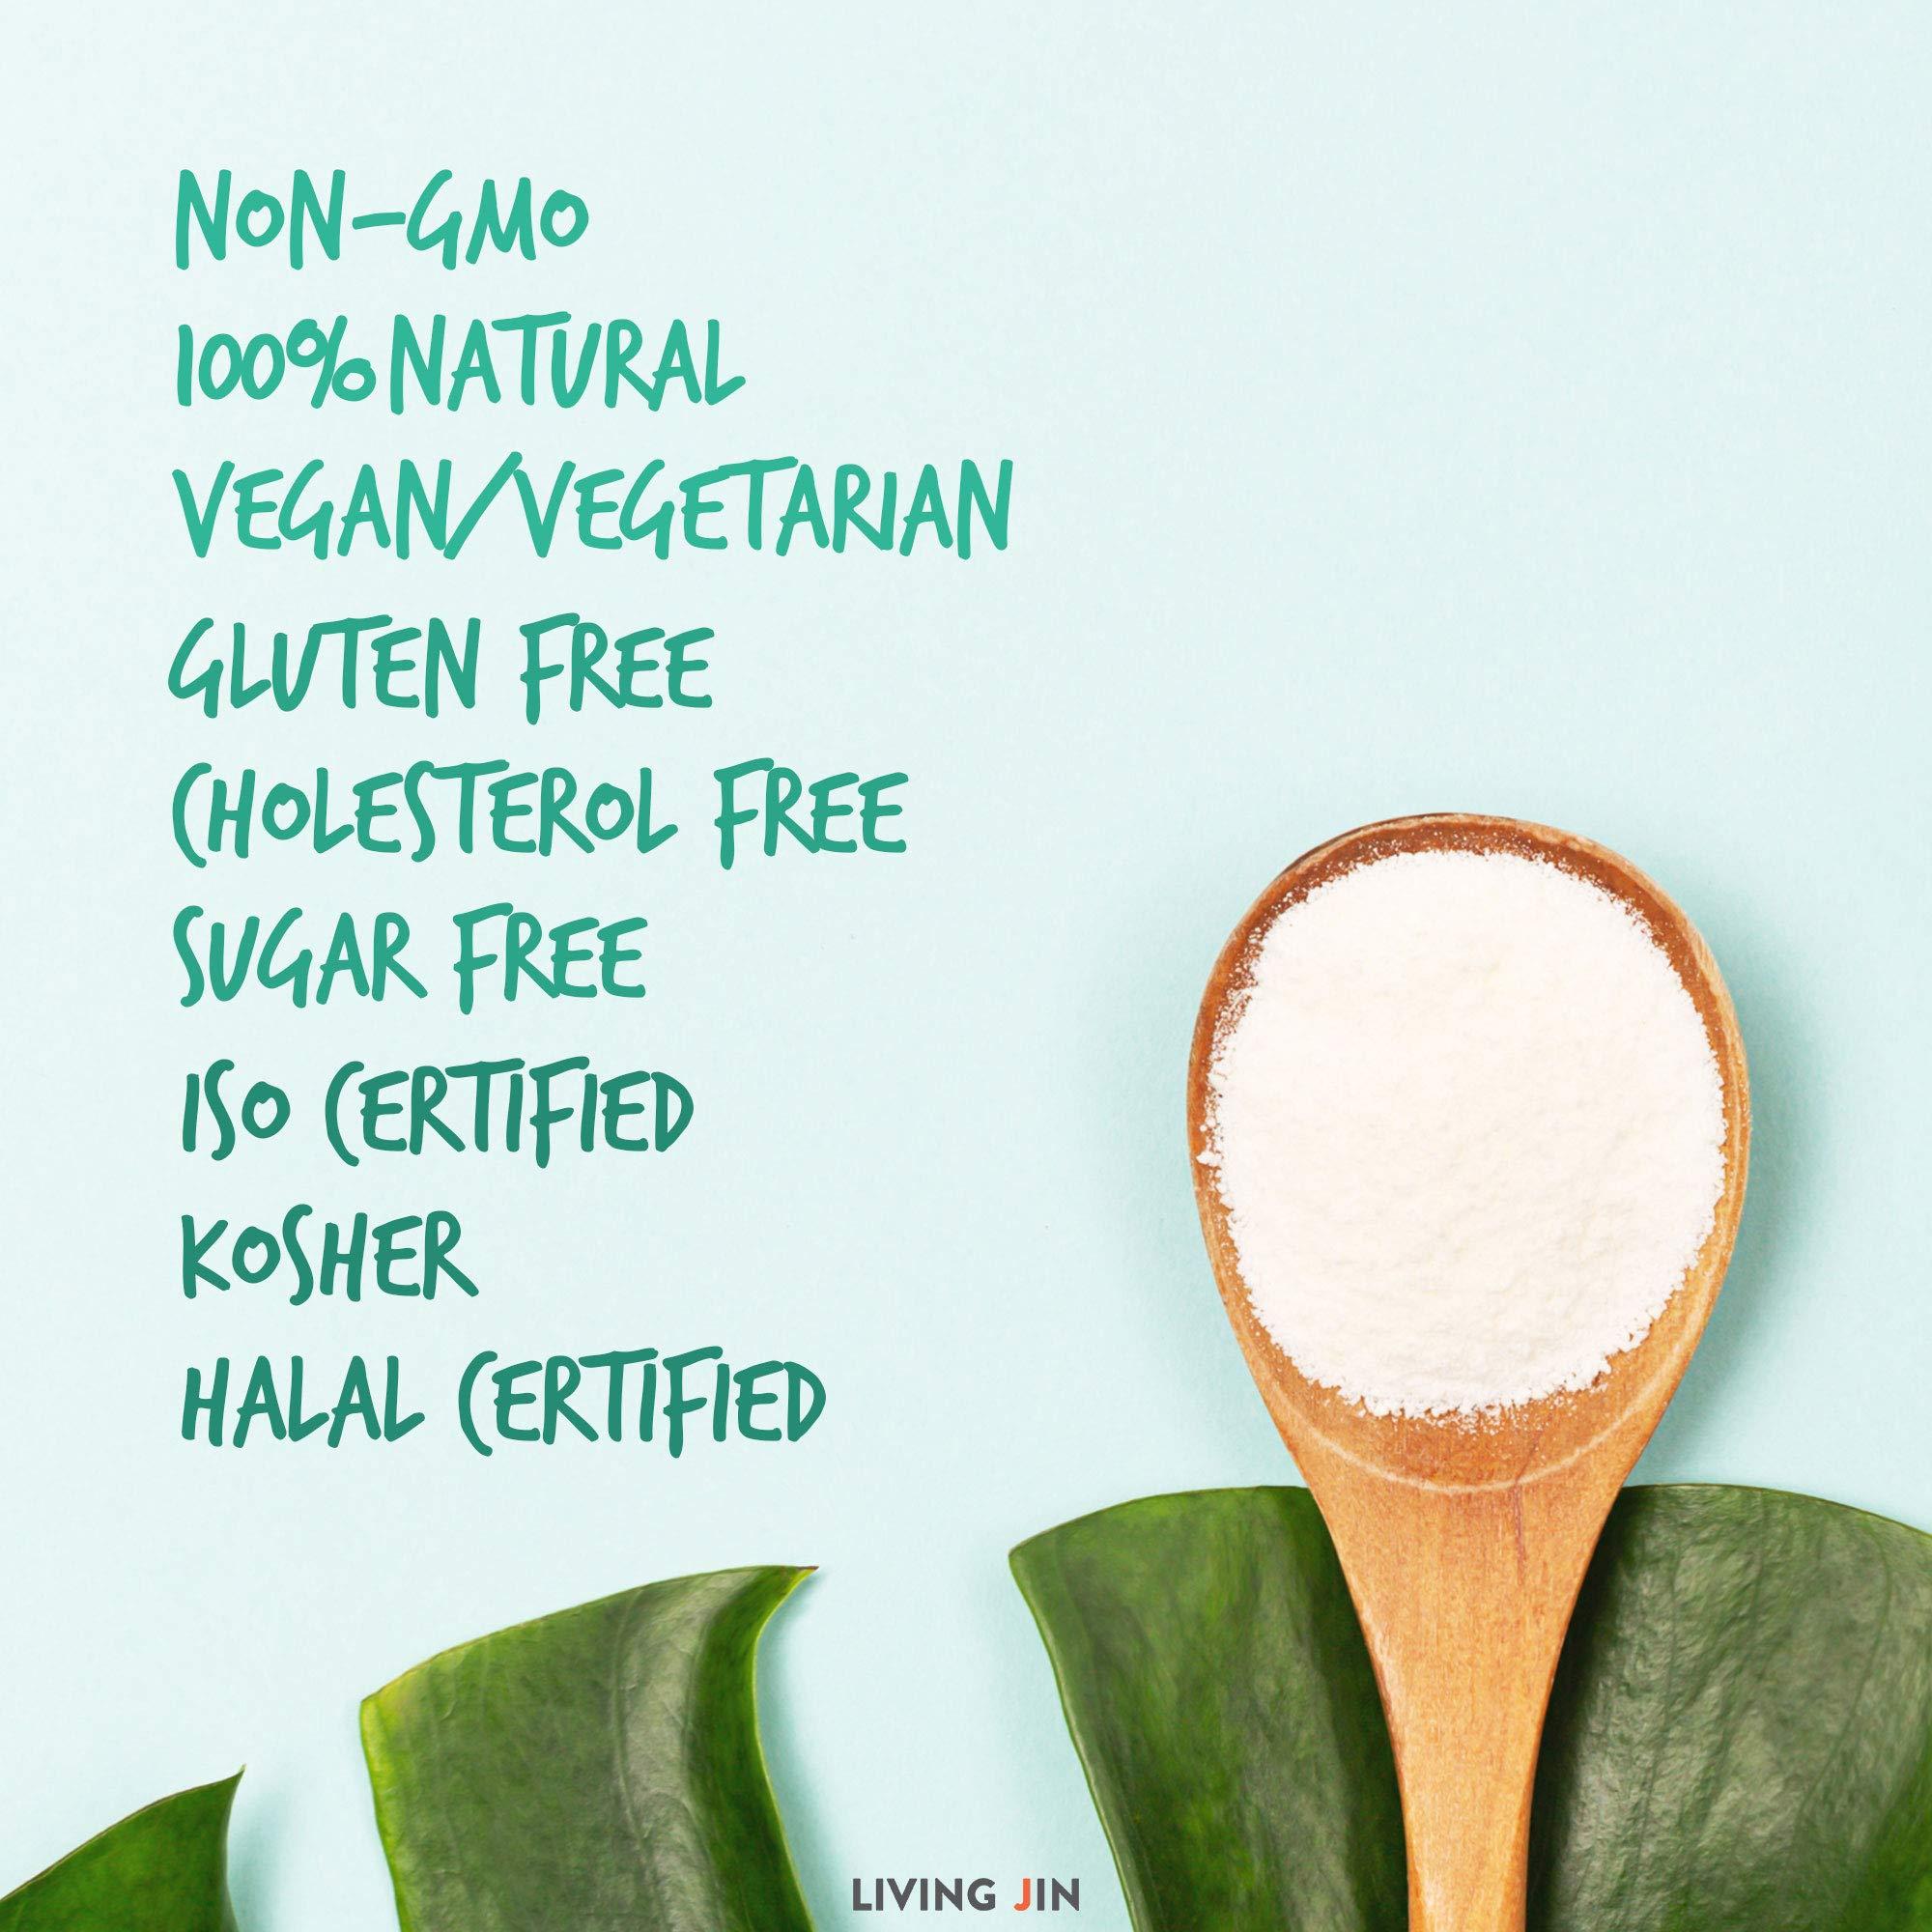 LIVING JIN Agar Agar Powder 28oz (or 4oz | 12oz) : Vegetable Gelatin Powder Dietary Fiber [100% Natural Seaweed + Non GMO + VEGAN + VEGETARIAN + KOSHER + HALAL] by LIVING JIN (Image #4)